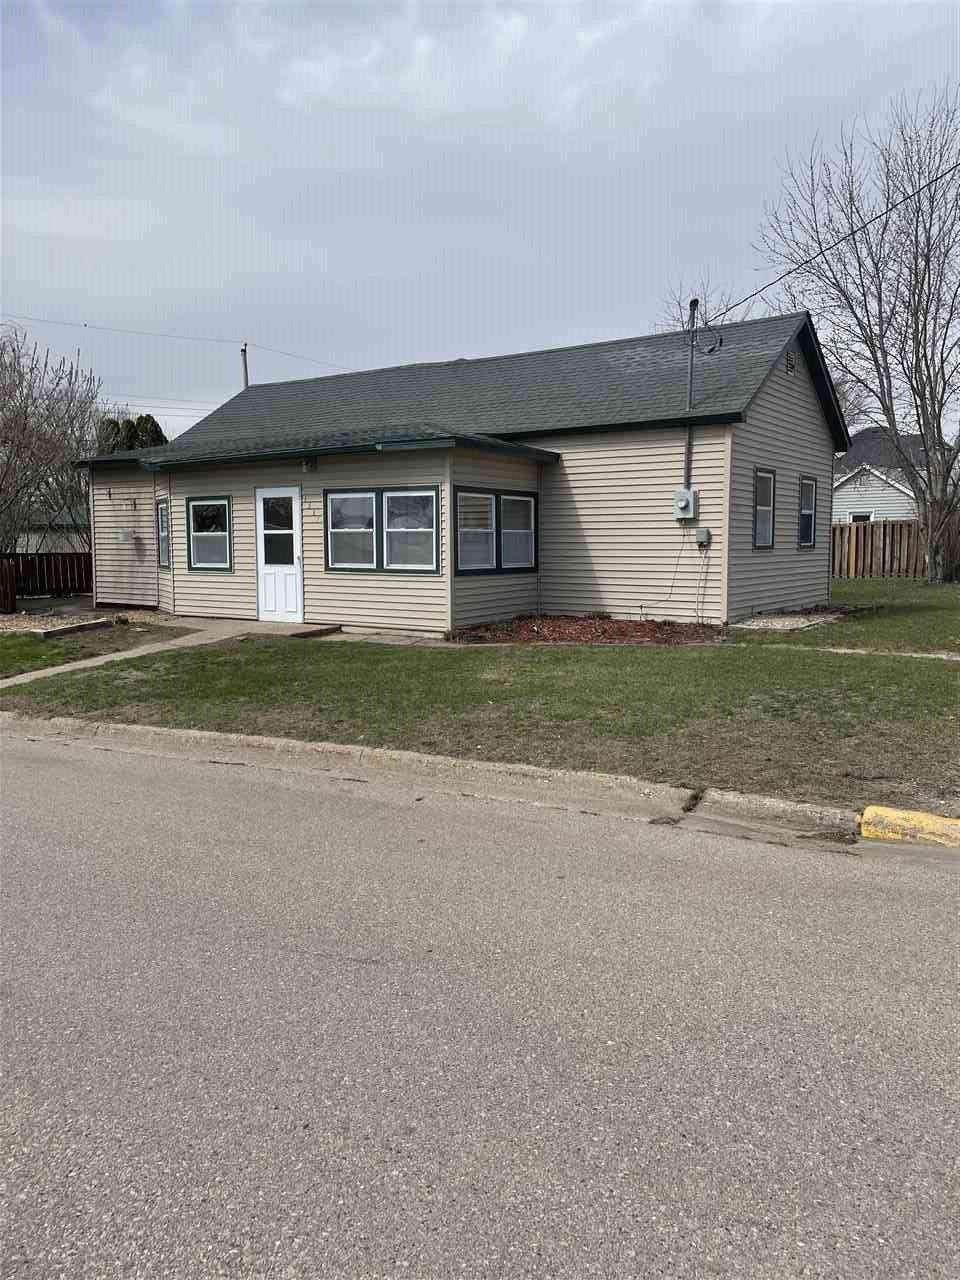 1317 S BEAUMONT RD, Prairie du Chien, WI 53821 - #: 1905300